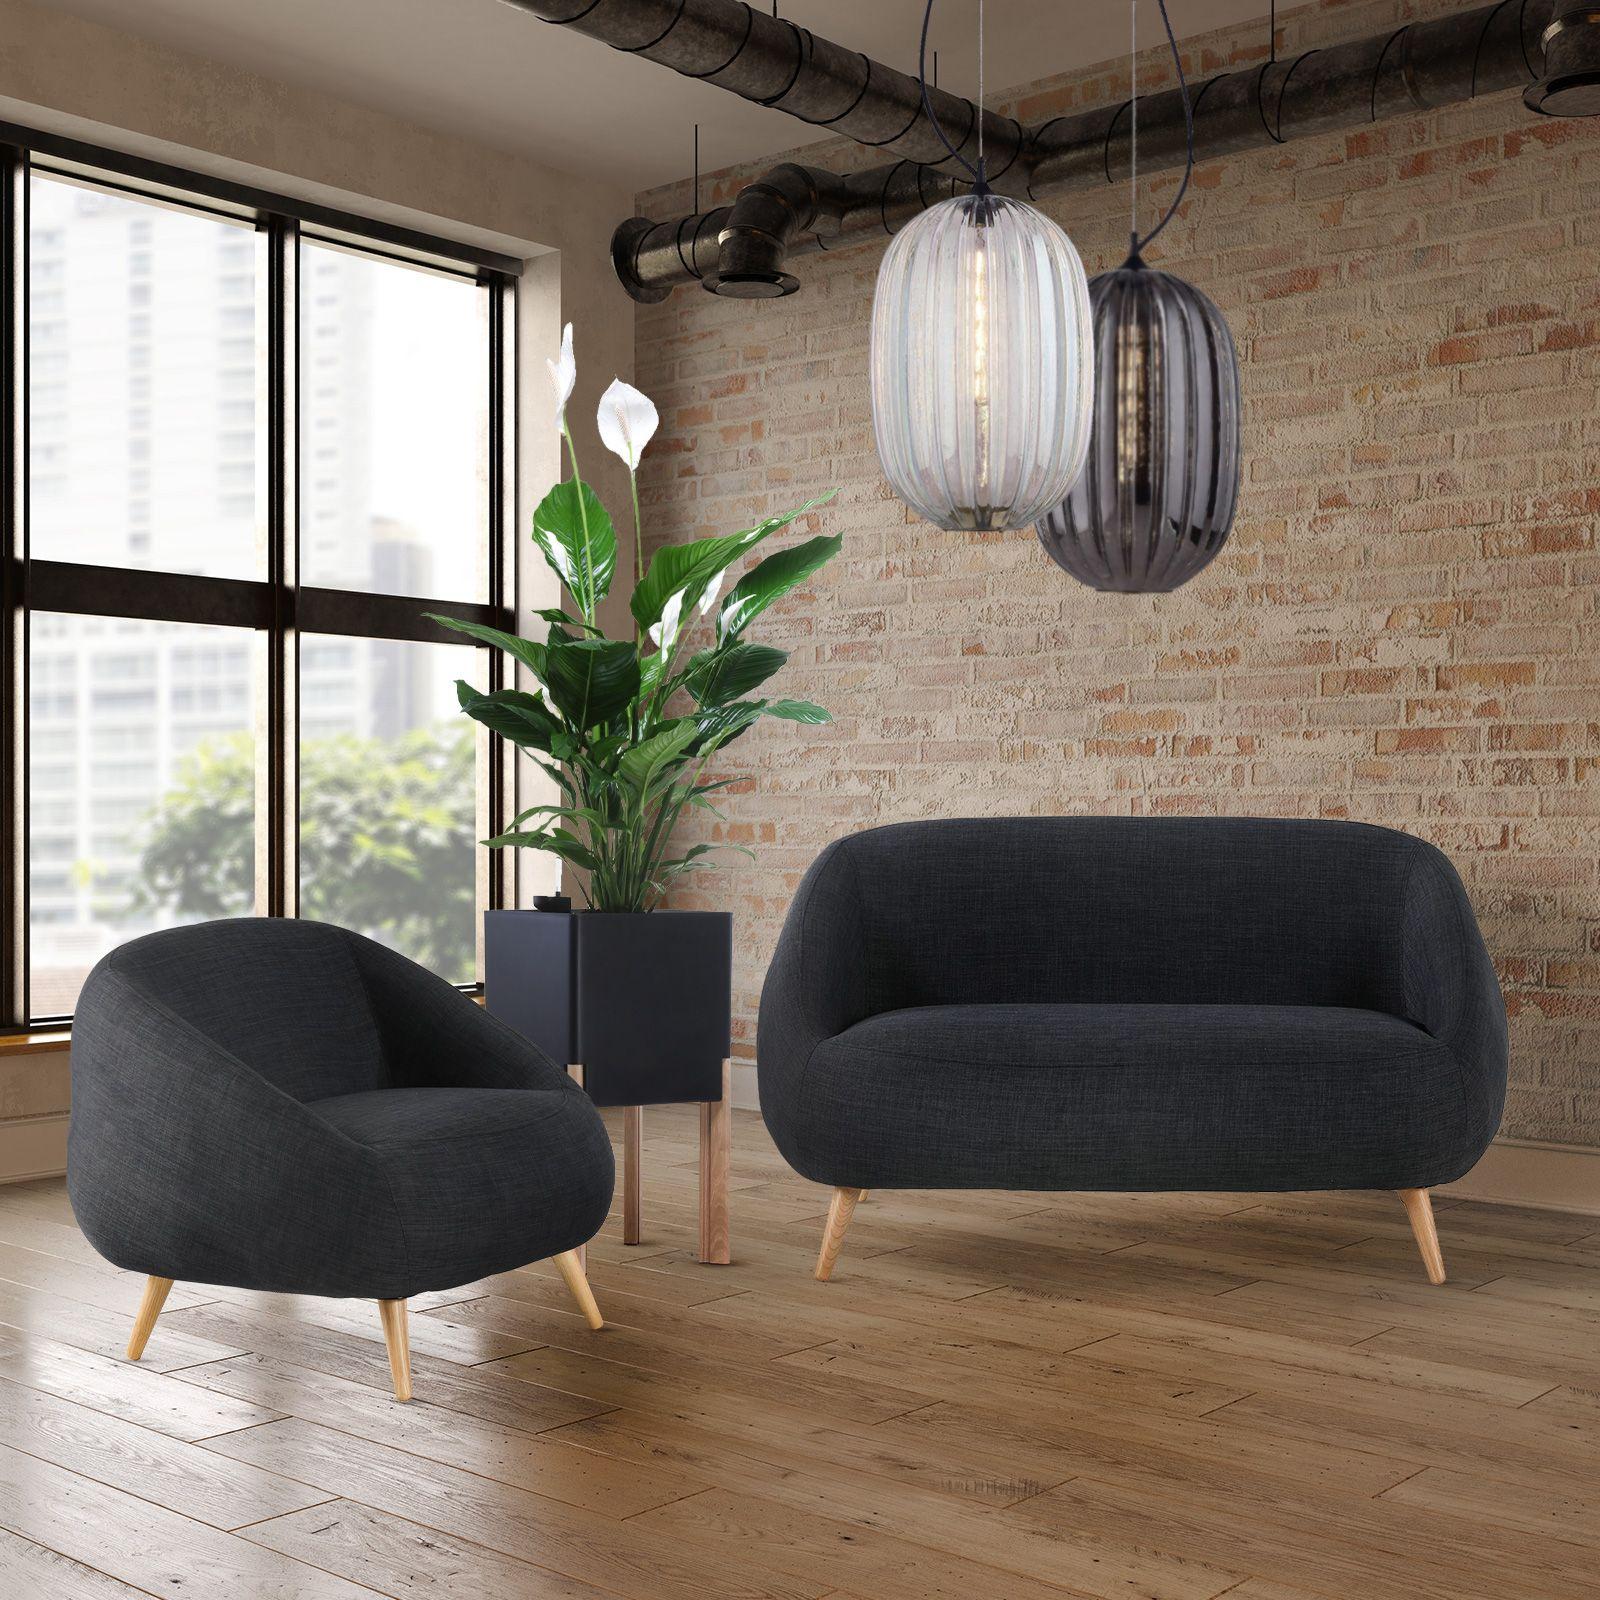 Canapé avec accoudoirs revêtement gris foncé (142,5 x 83,5 x 75,5 cm) | Série Marpe